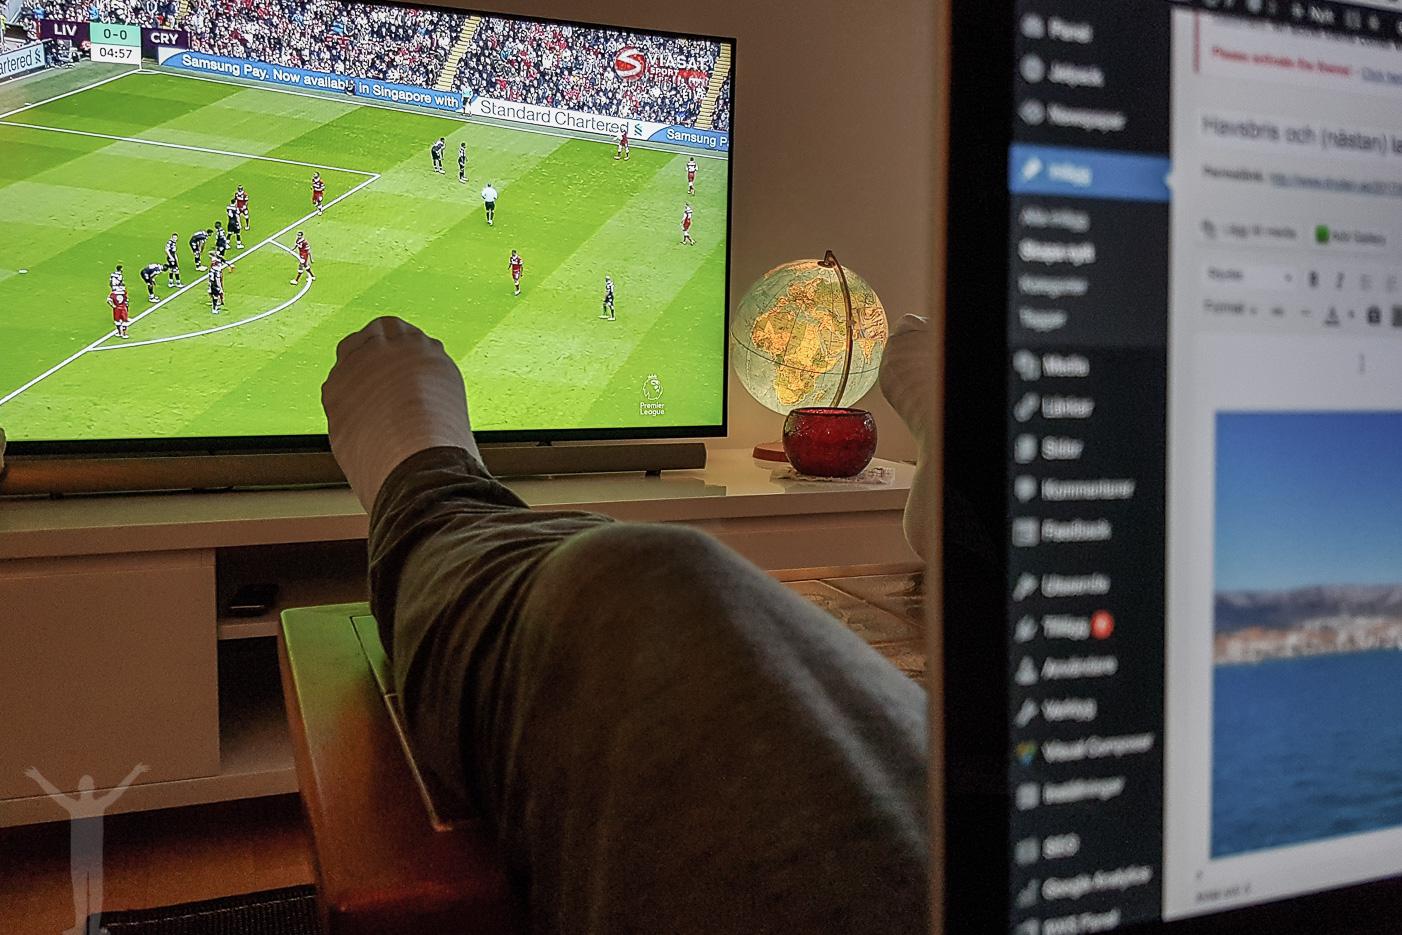 Bloggande och fotbollskuliss